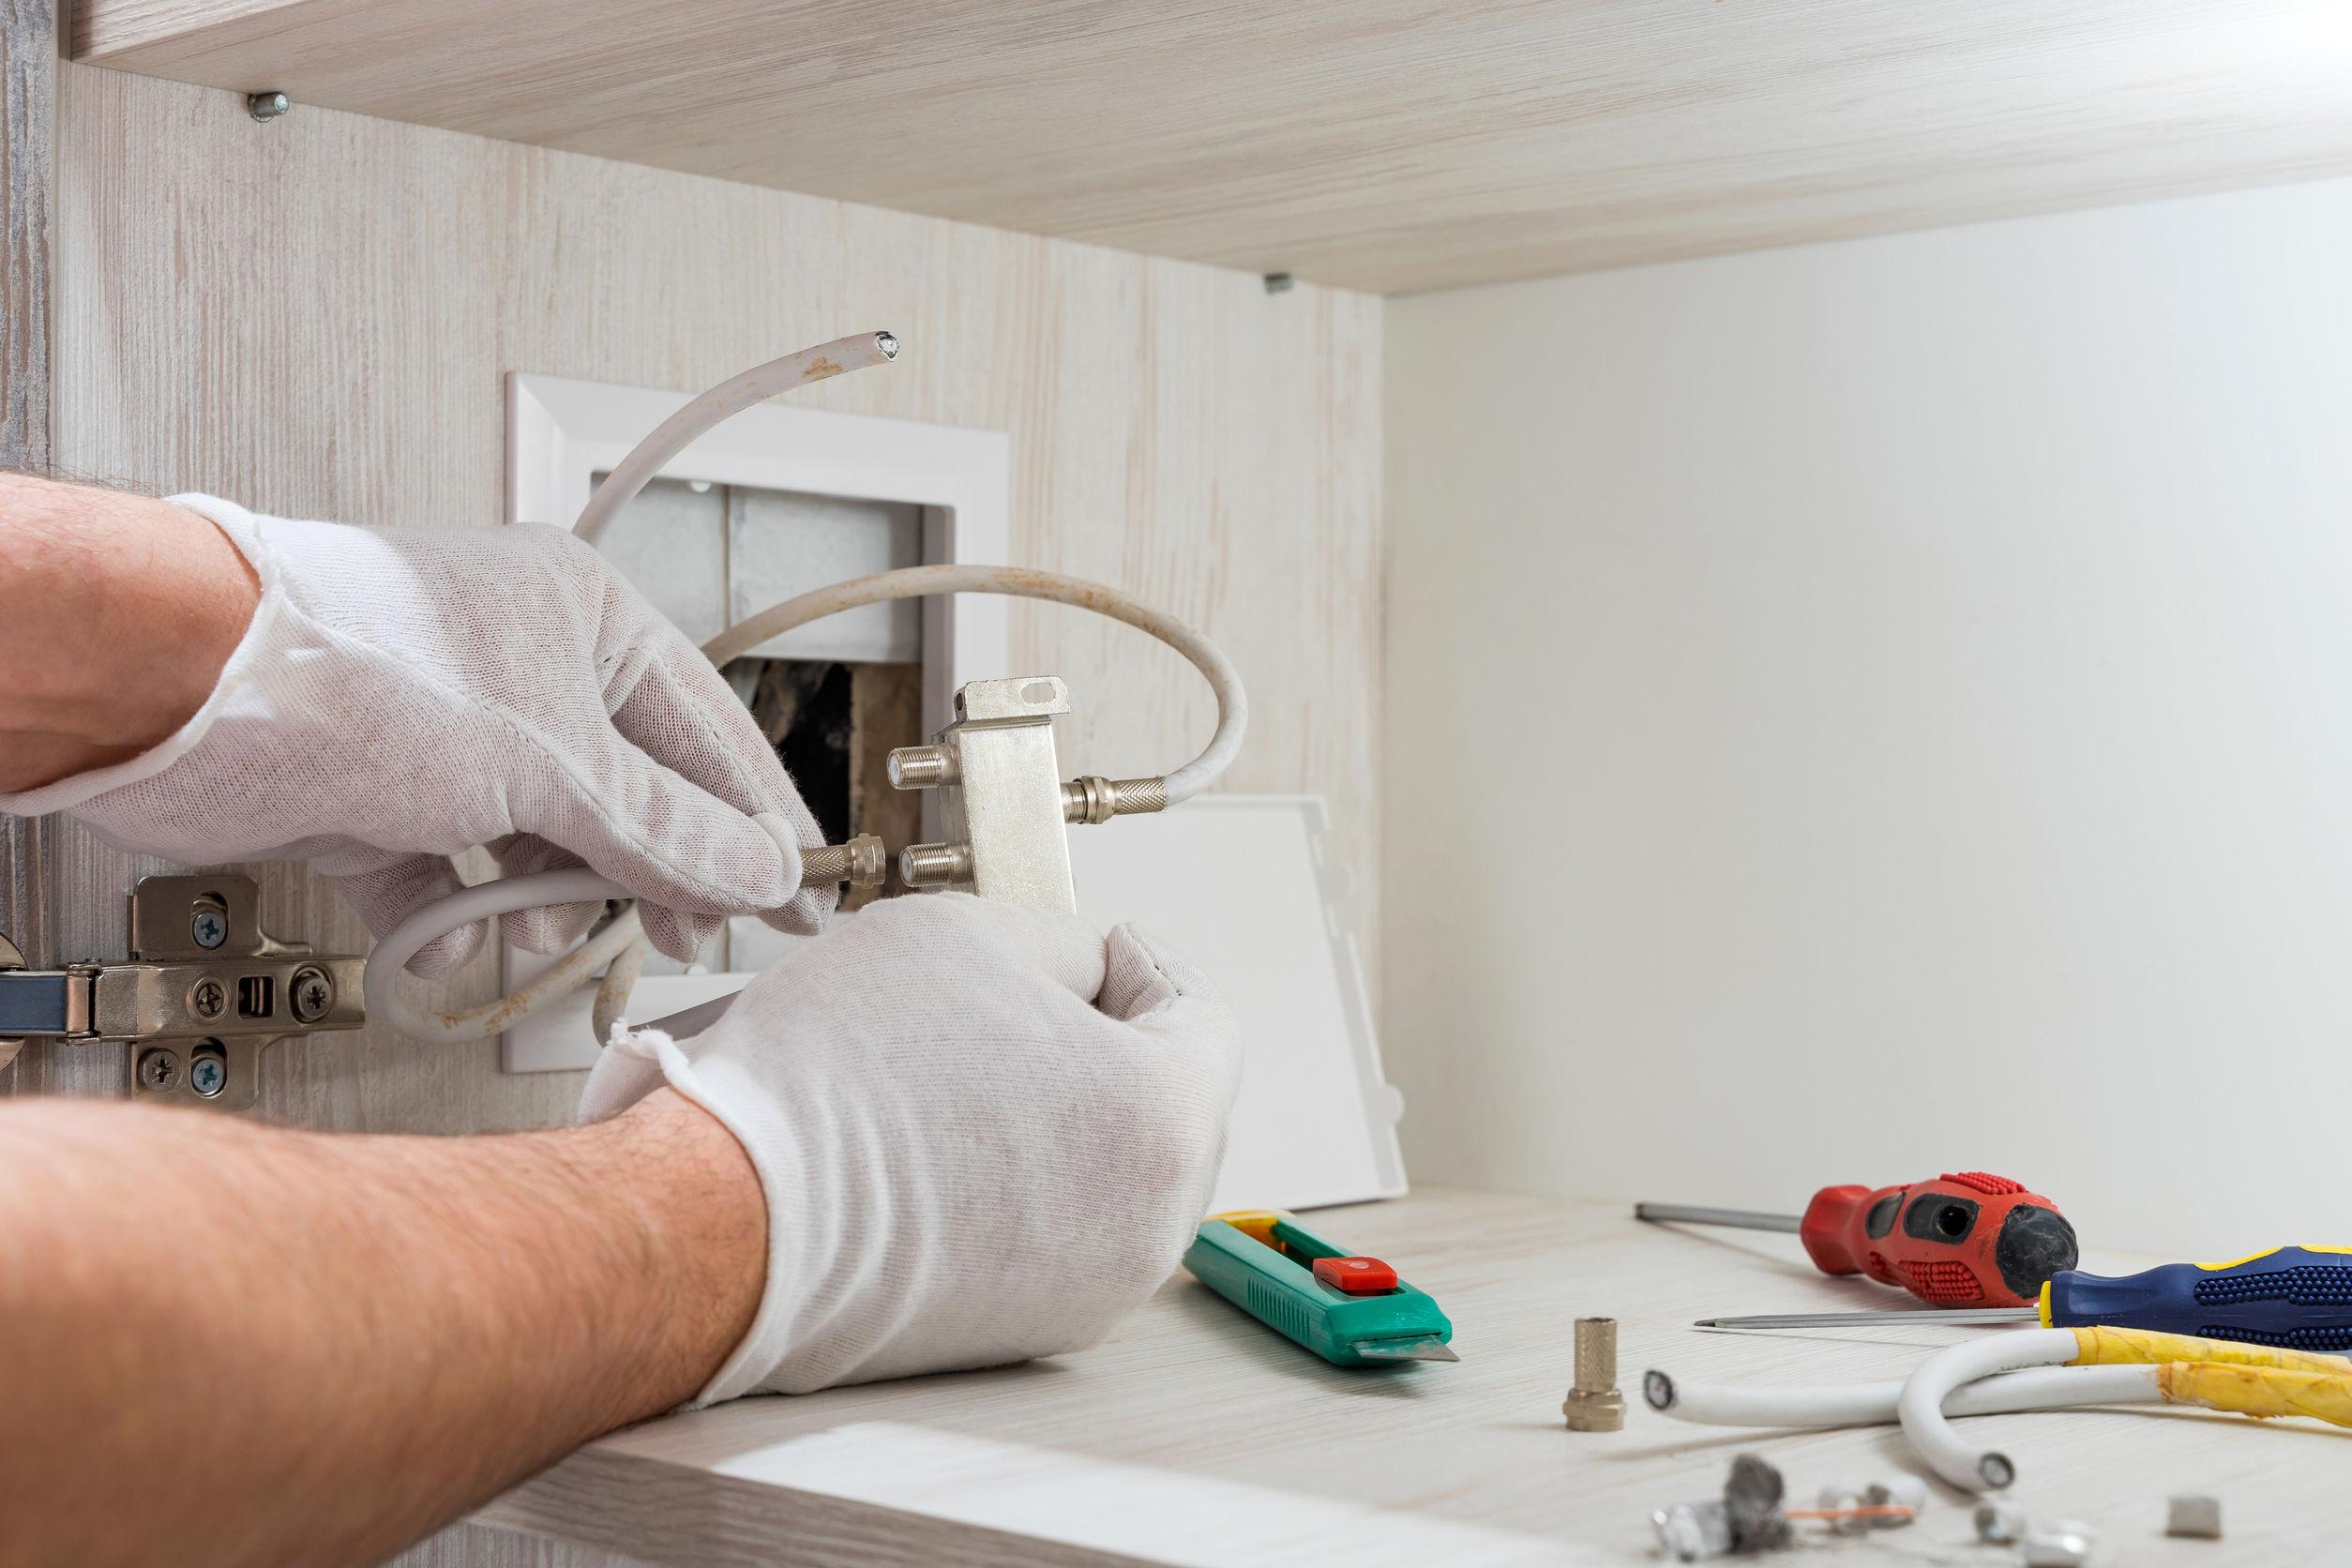 Imagem mostra uma pessoa instalando um splitter.